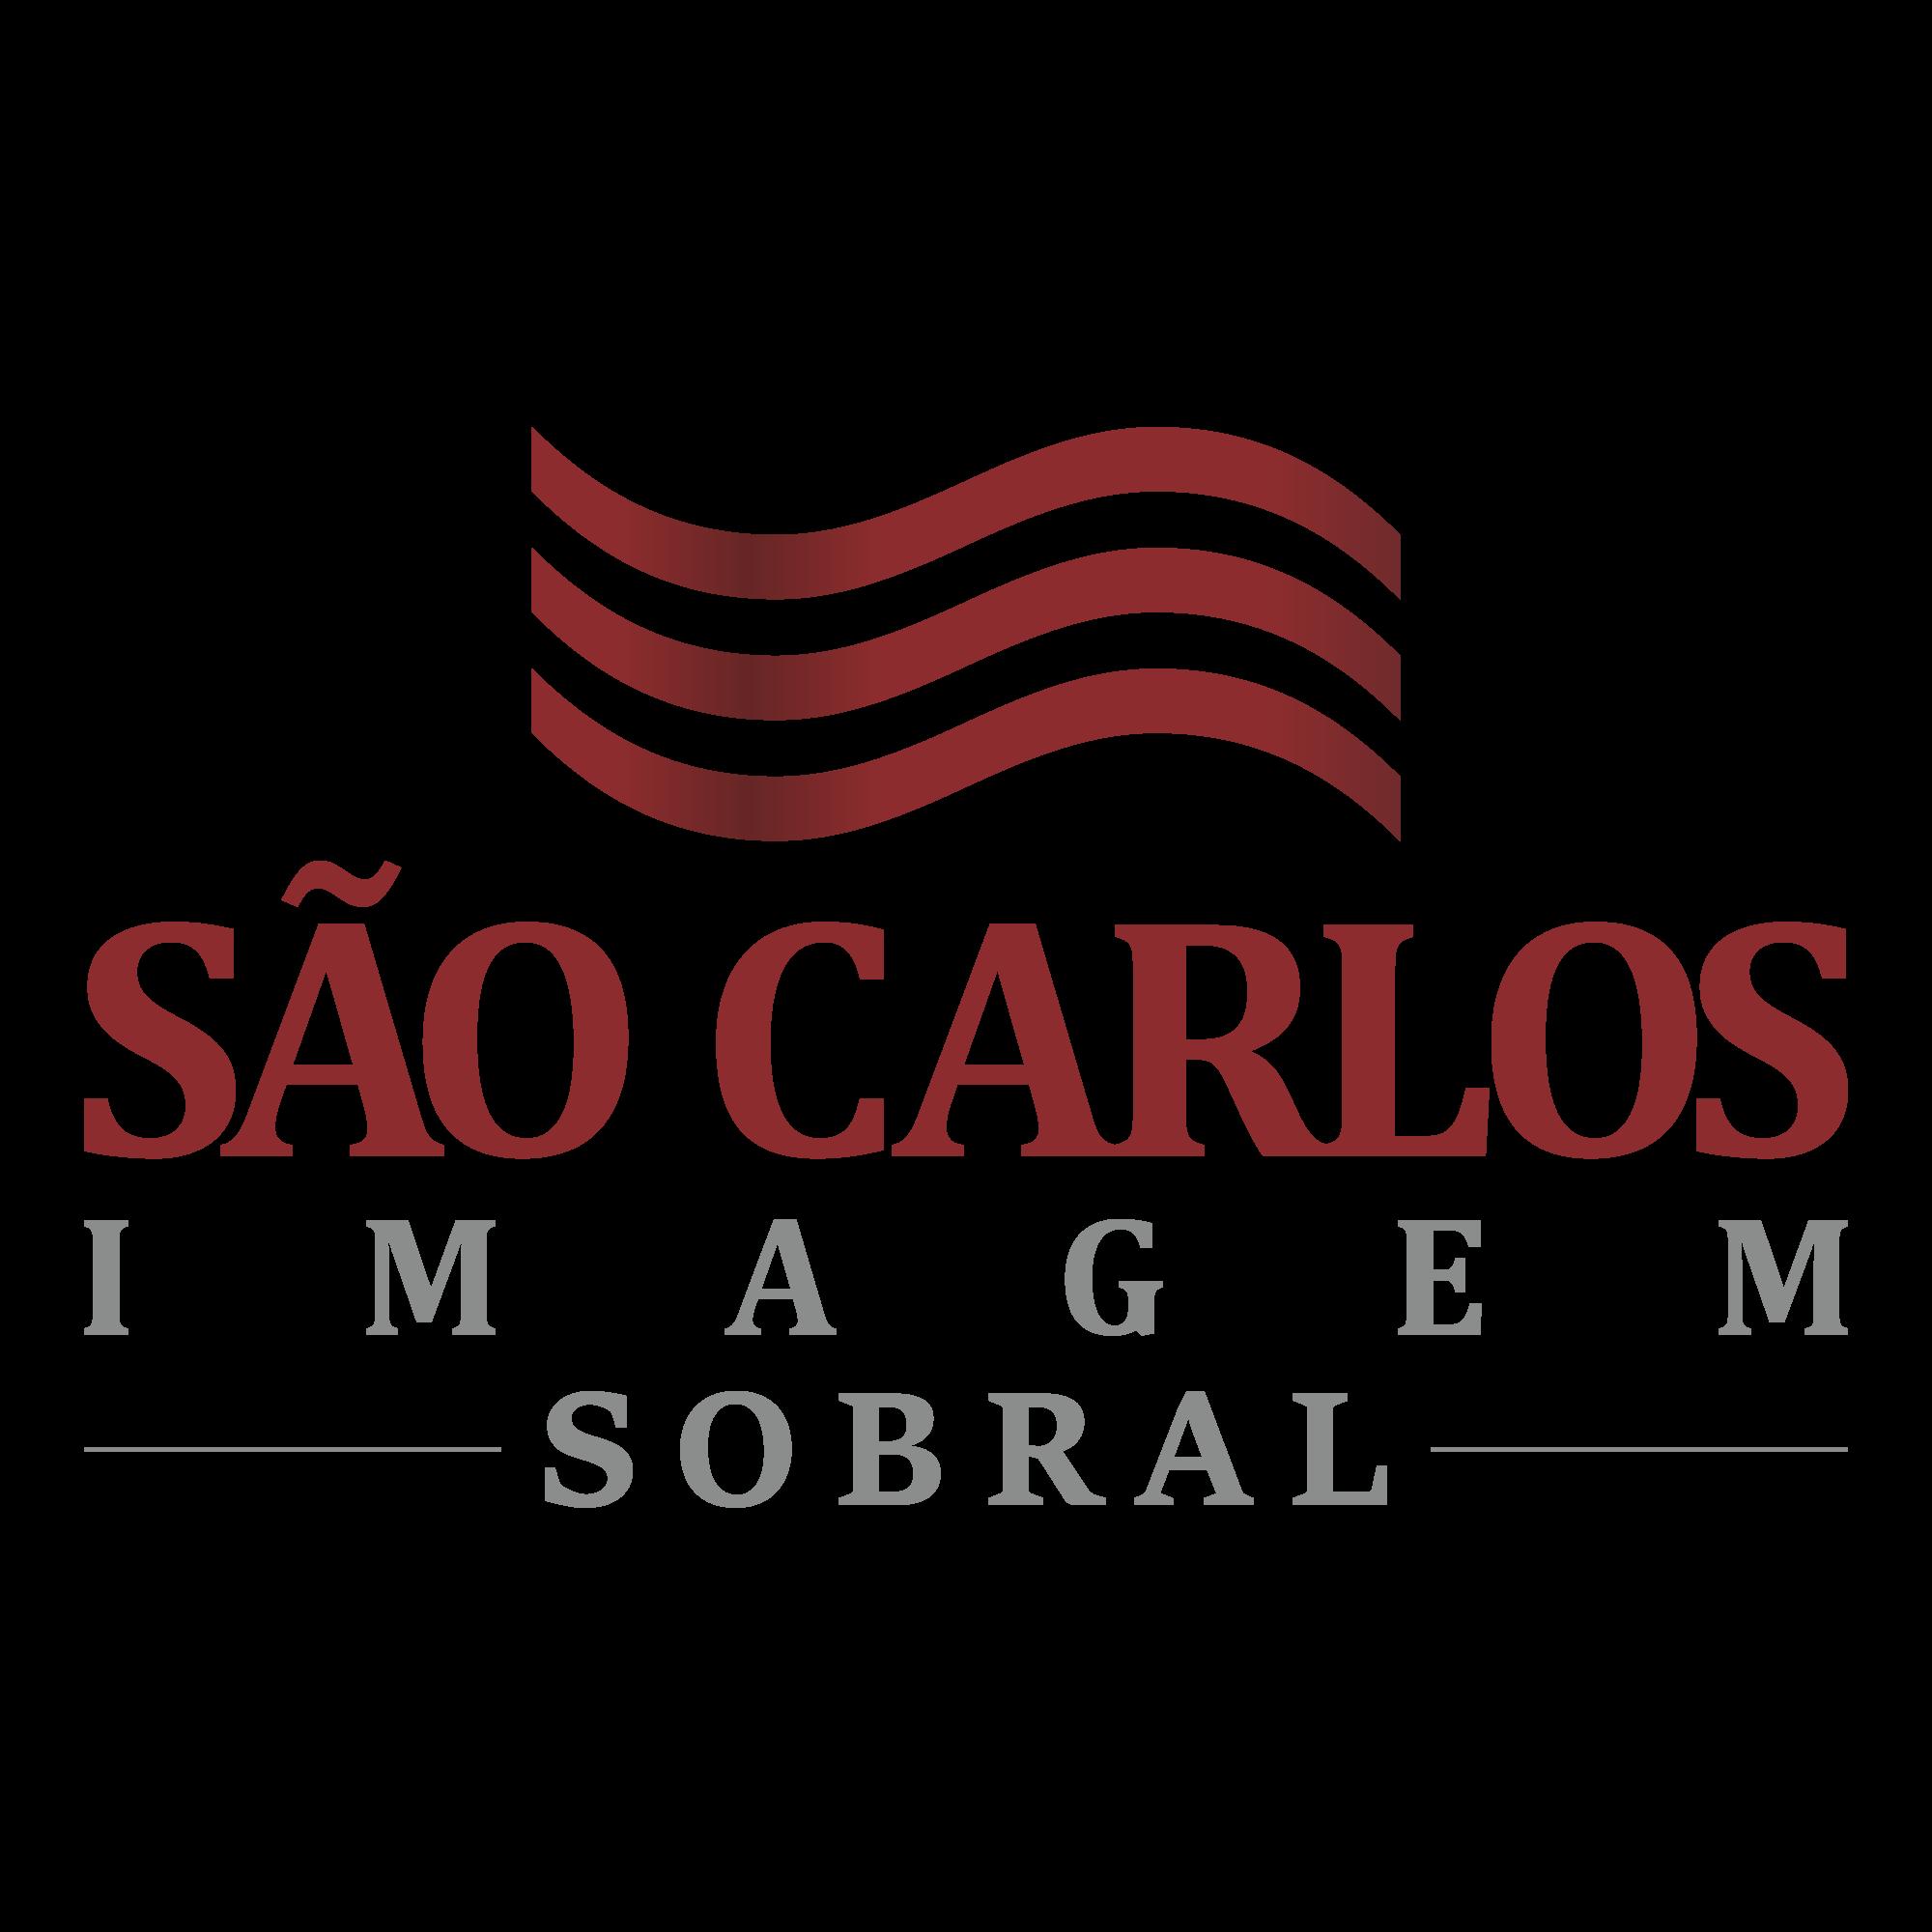 LOGO-SÃO-CARLOS-IMAGEM-SOBRAL-(1)